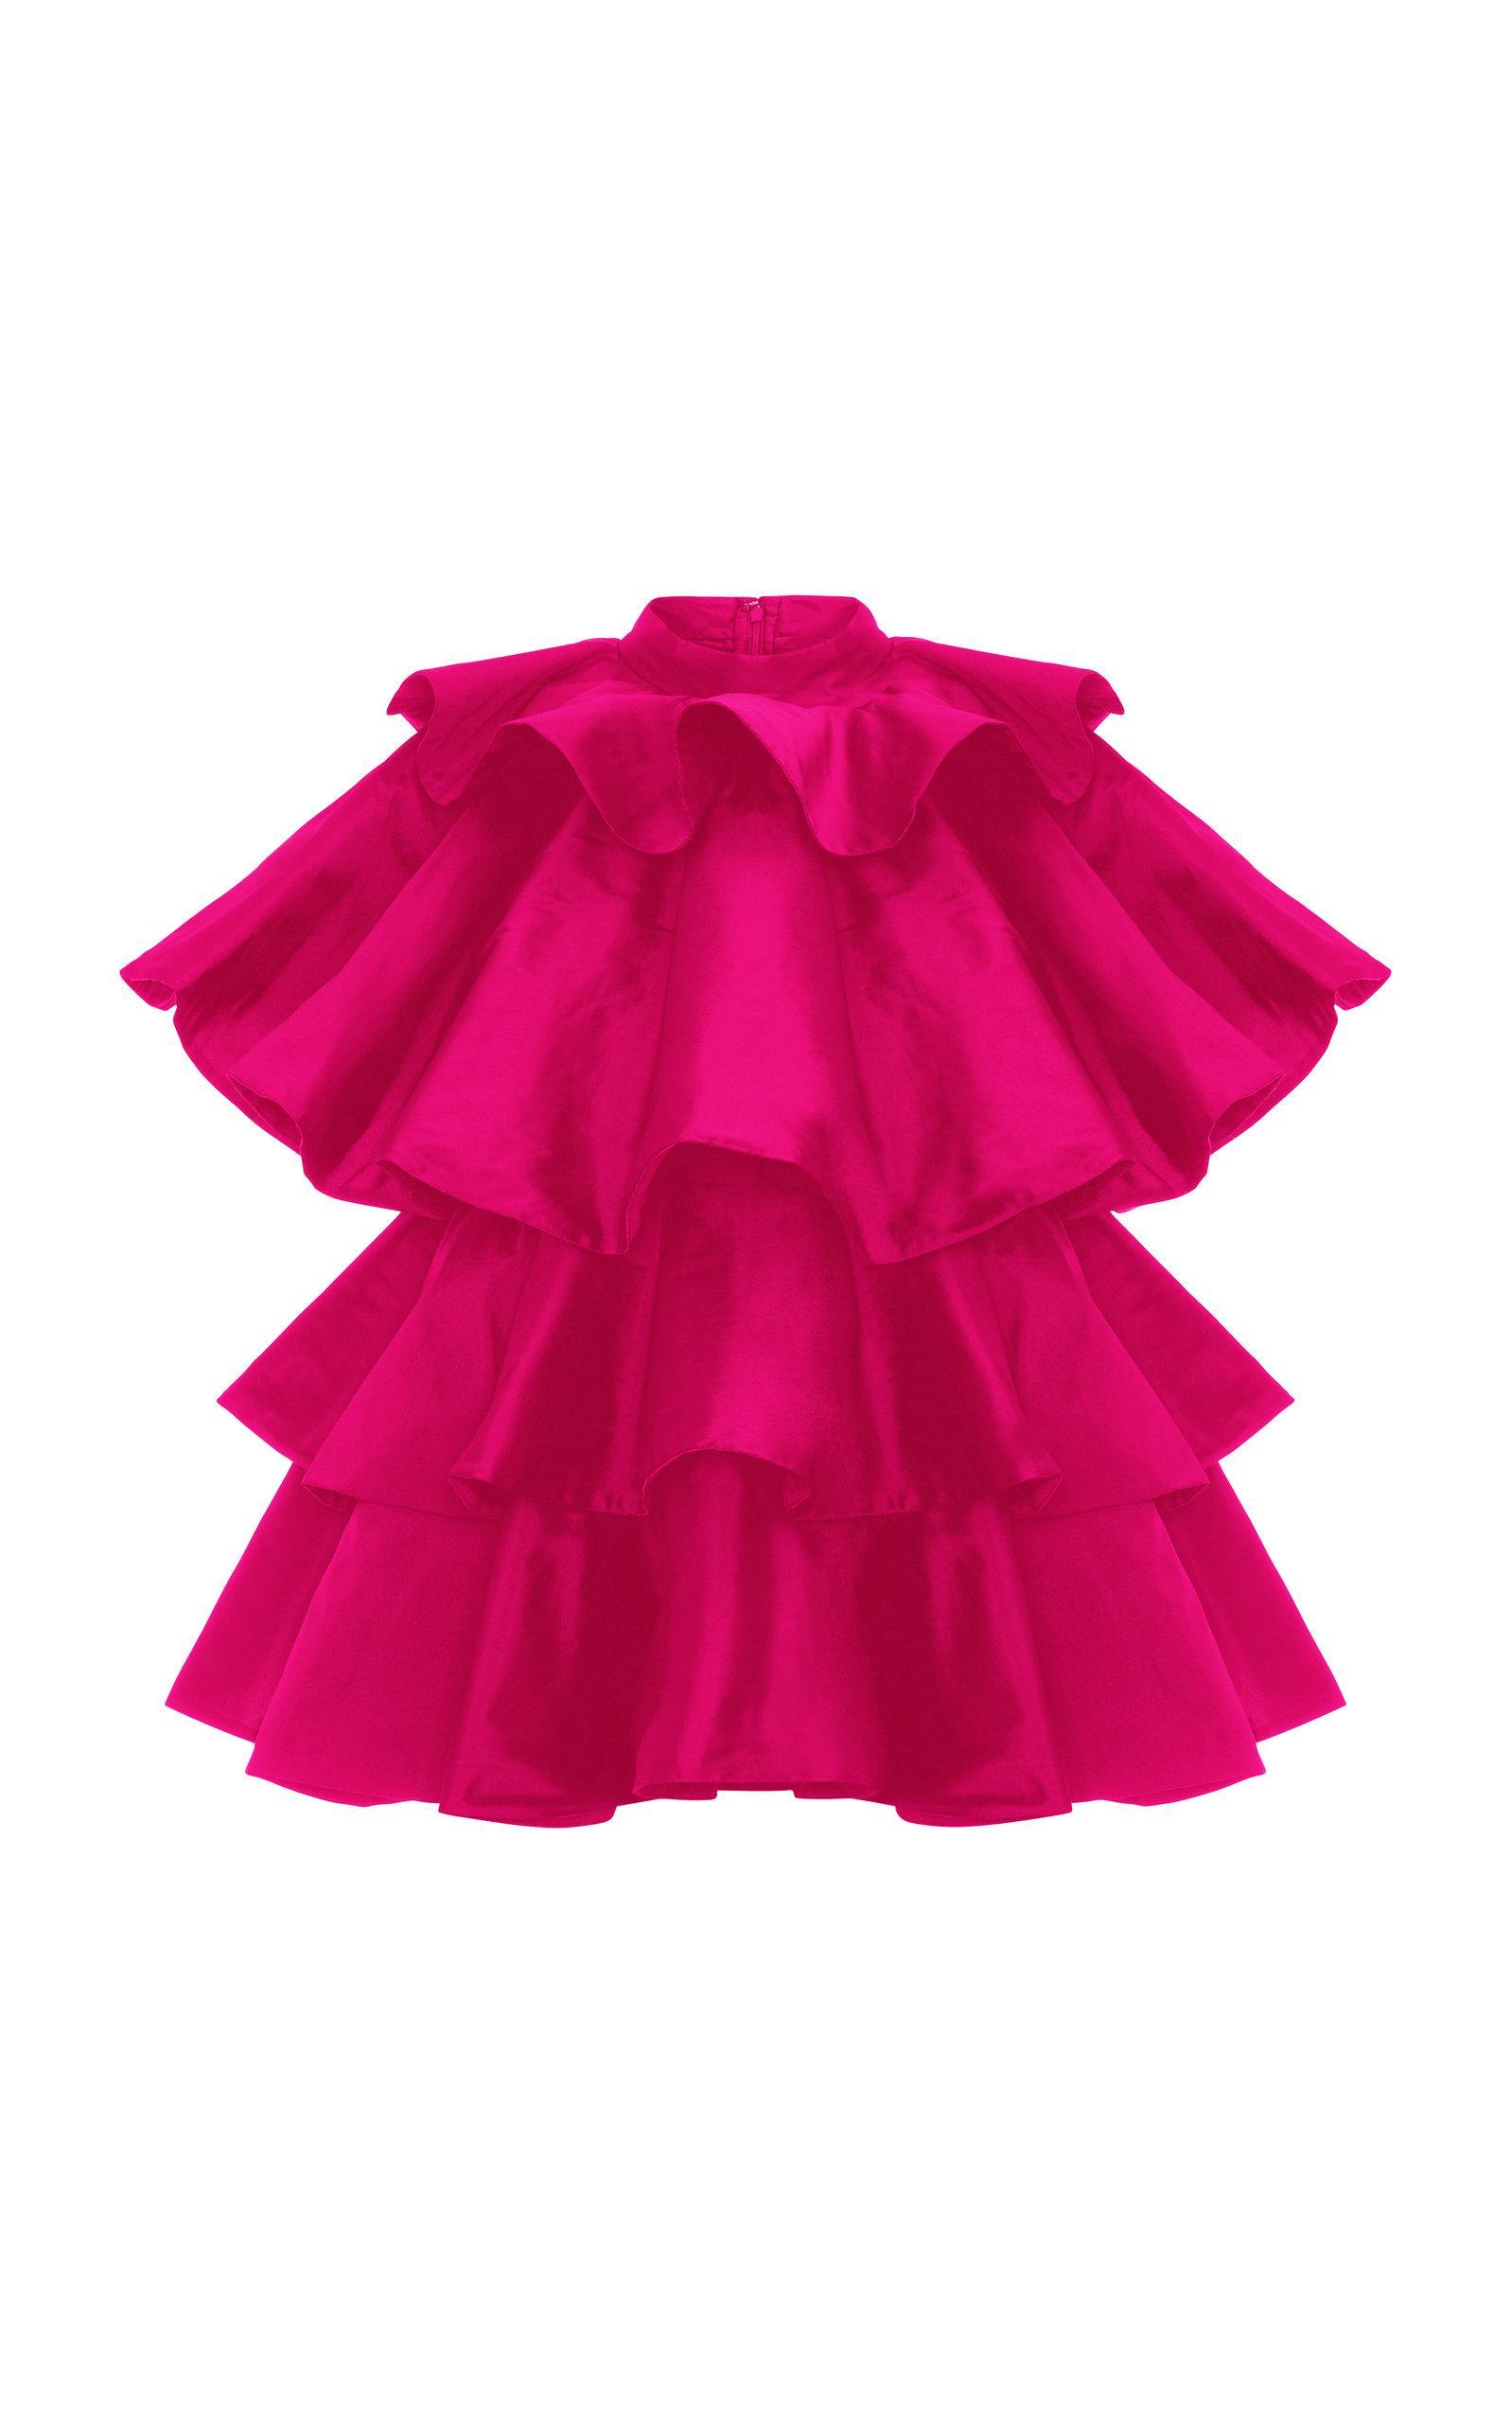 Khosla Jani Oversized Ruffle Top In Pink